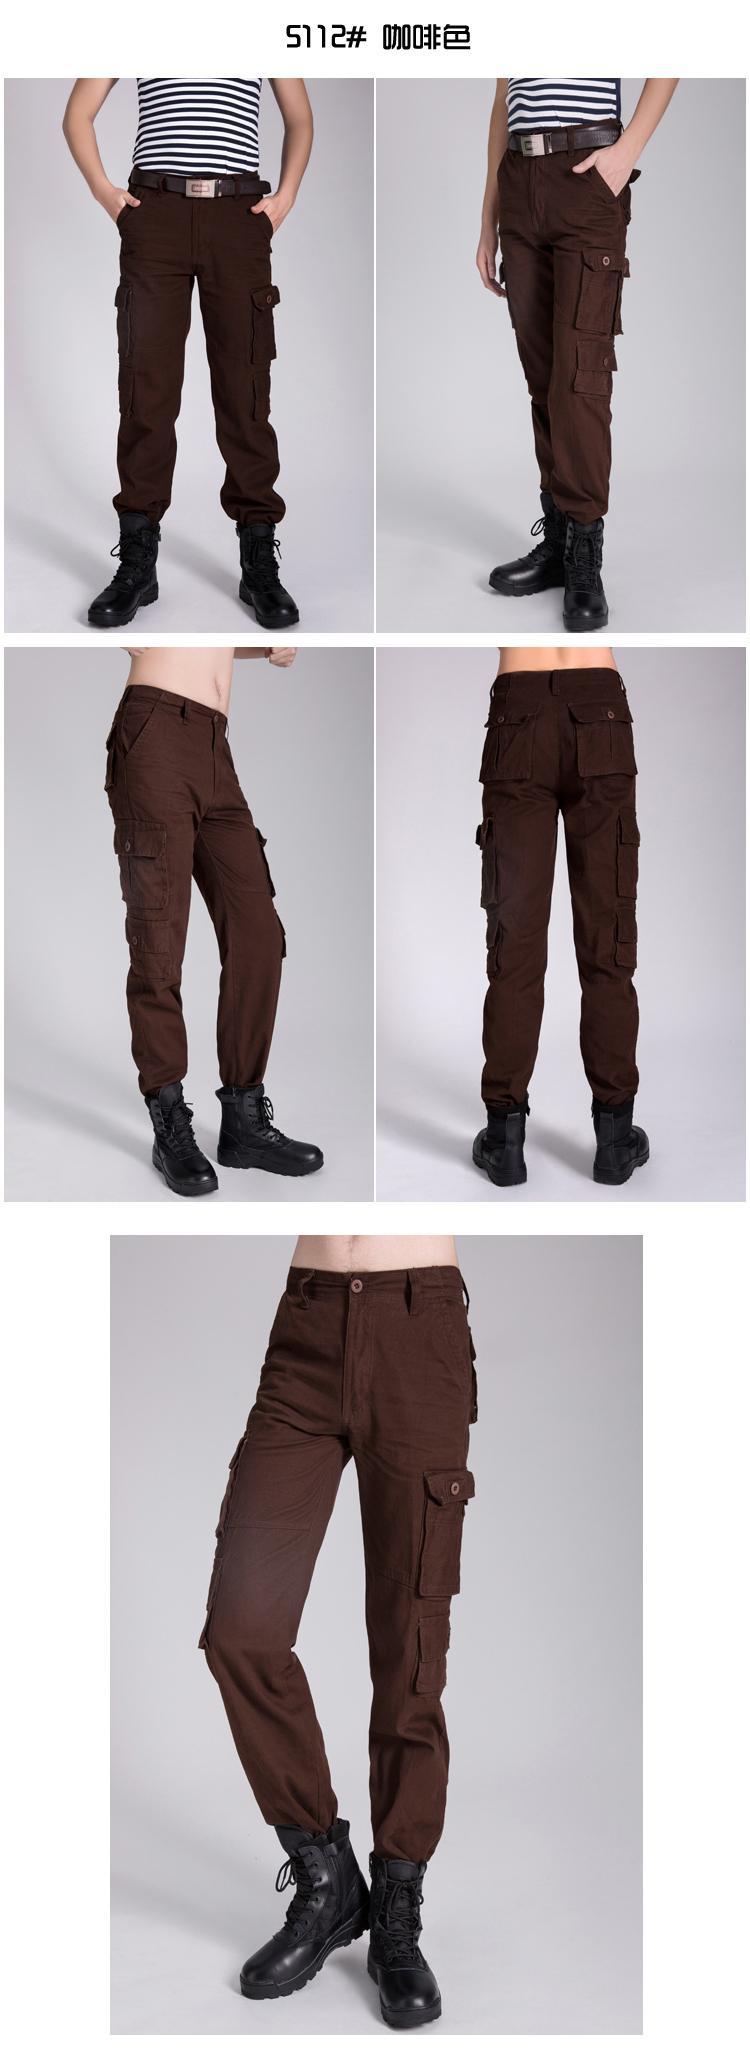 Военные печатные тренировочные брюки зимние мужские брюки-карго Теплые повседневные мешковатые штаны